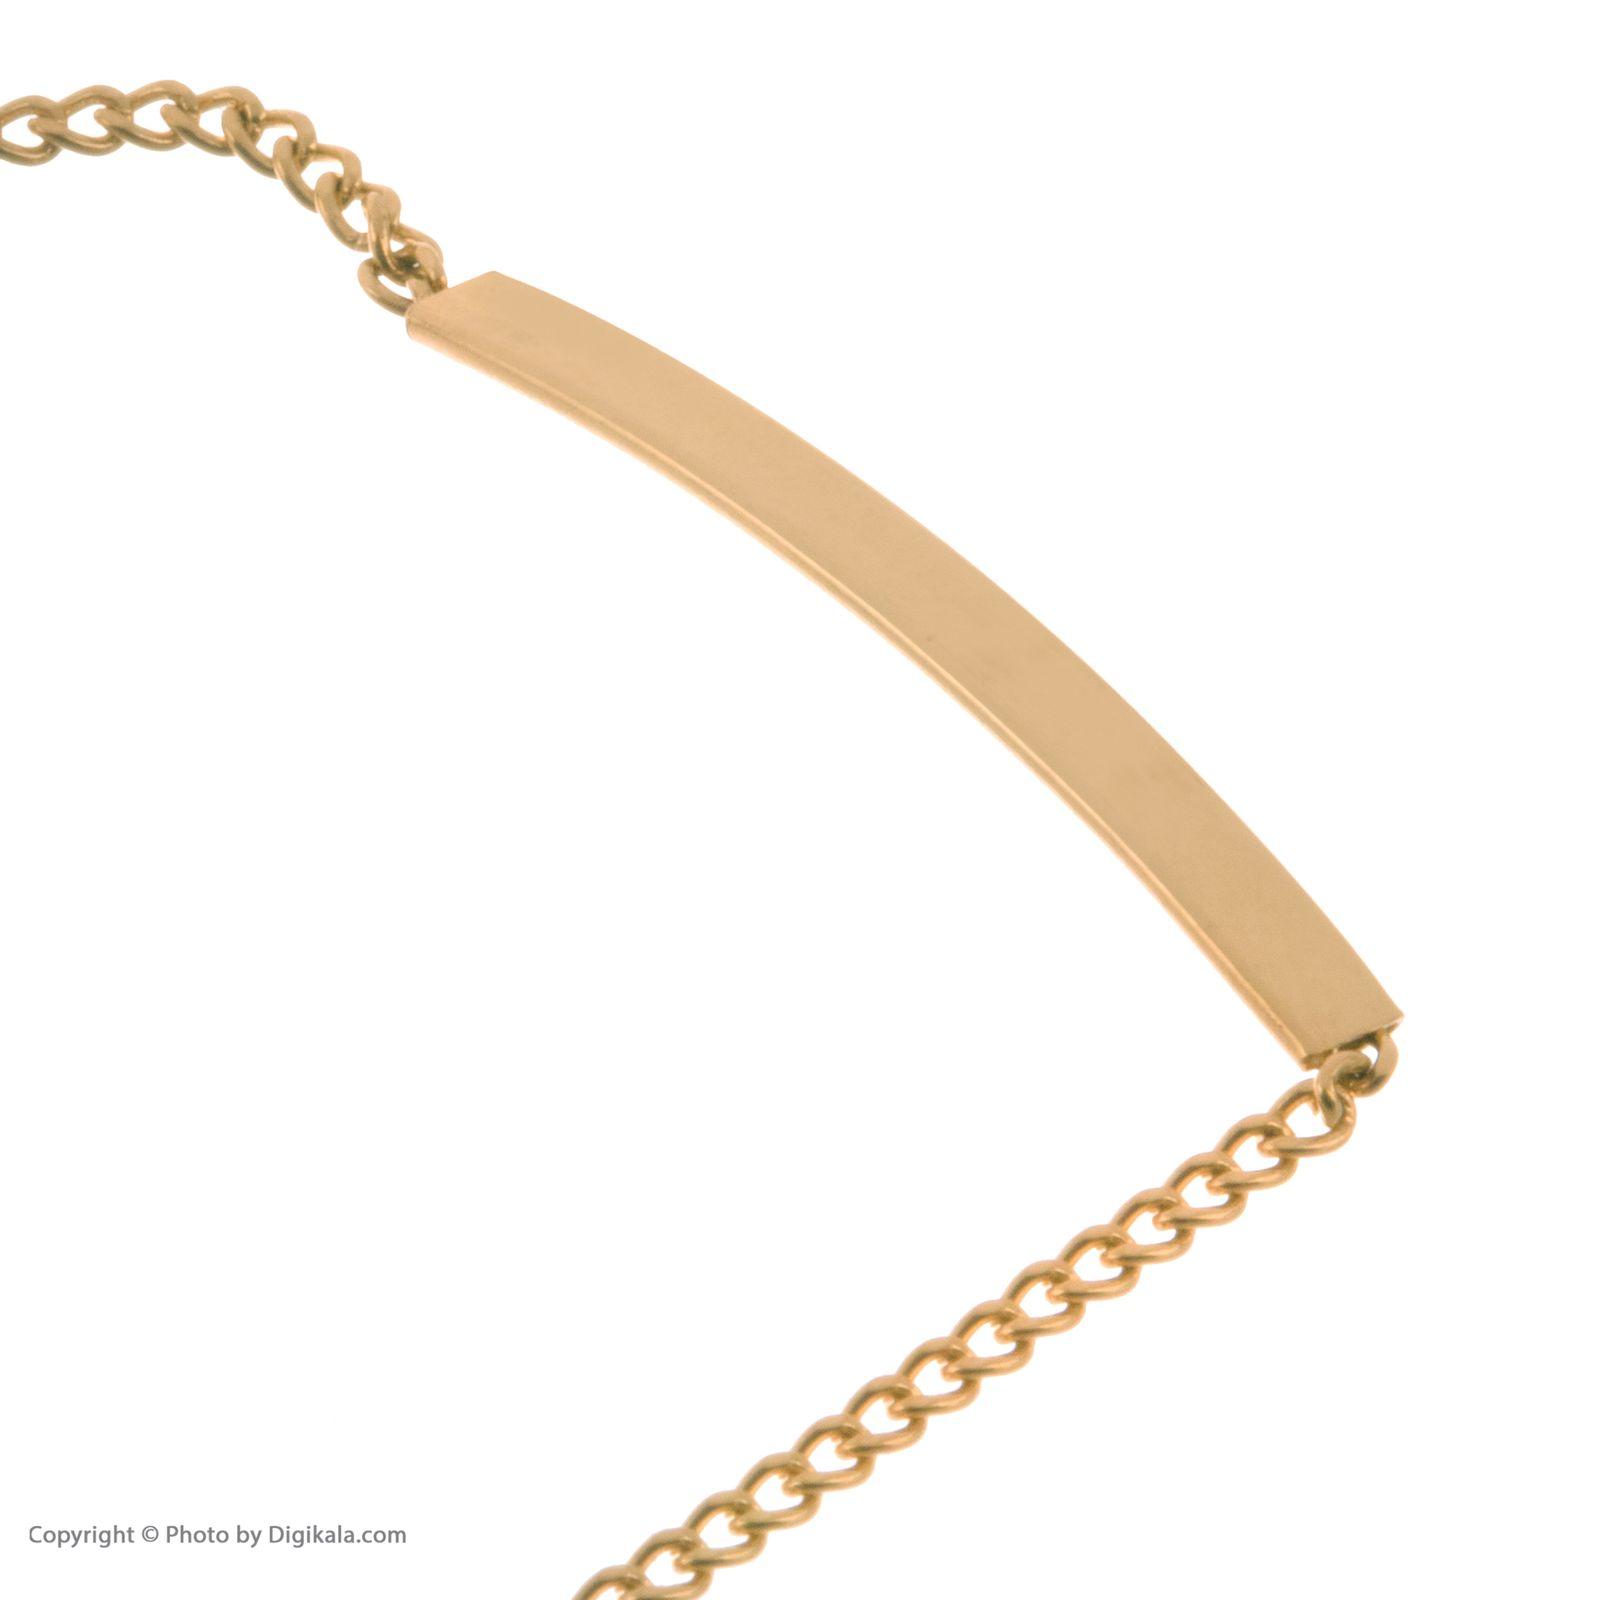 دستبند طلا 18 عیار دخترانه مایا ماهک مدل MB1050 -  - 4